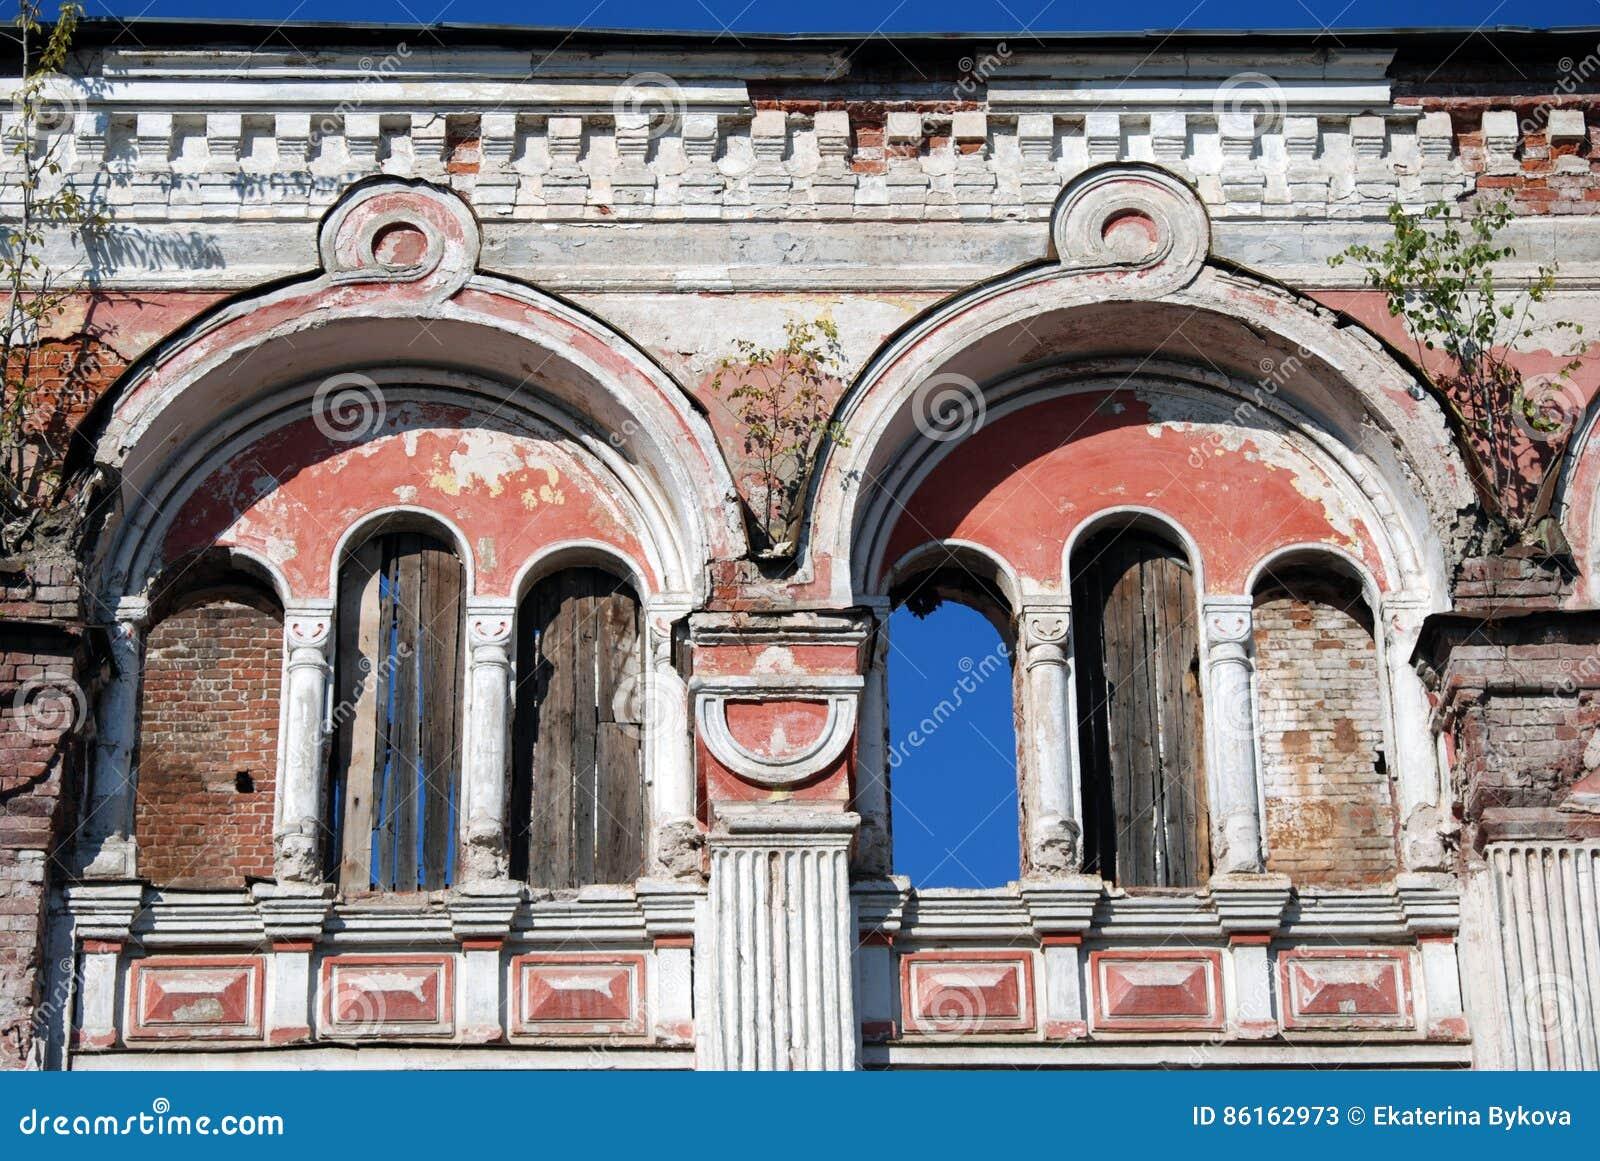 castelo do moorish arquitetura da cidade de rybinsk rússia imagem